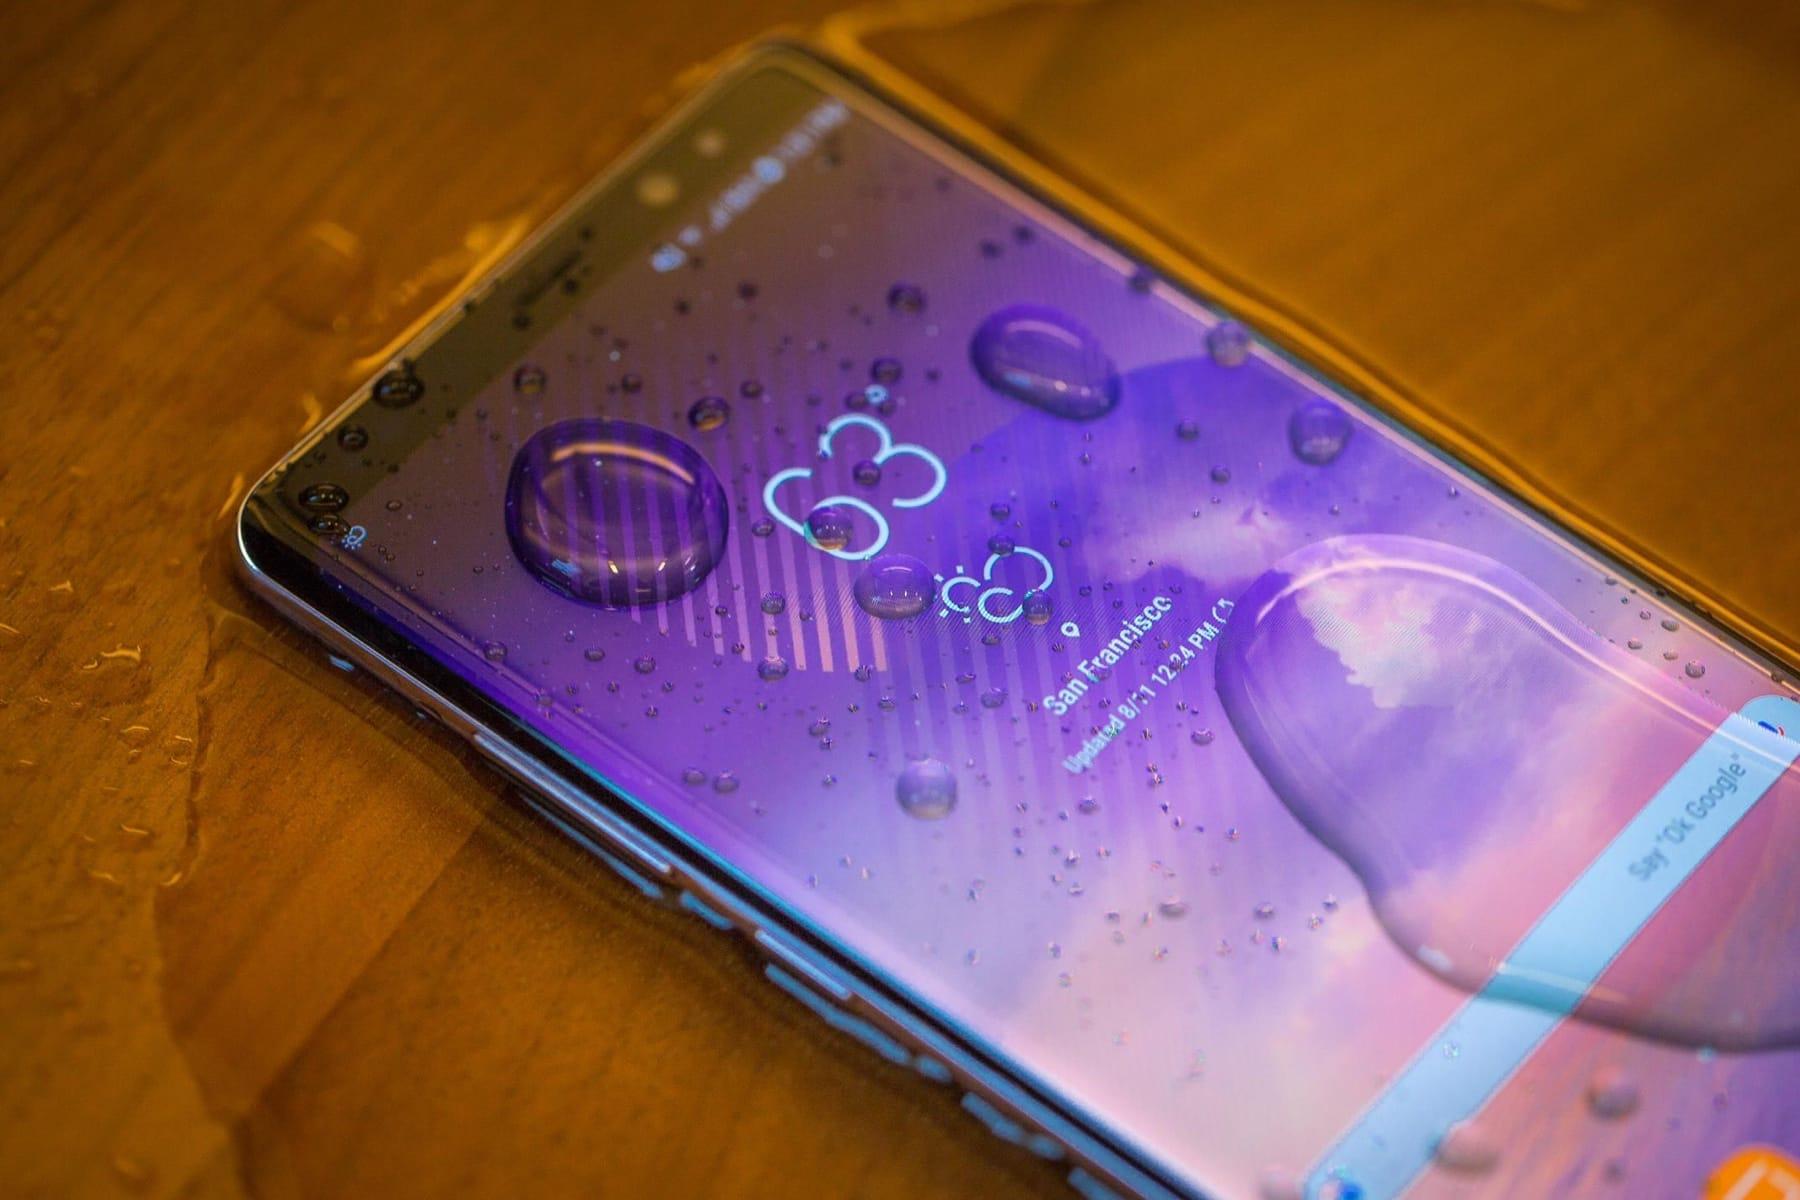 Самсунг снизила цены на мобильные телефоны в Российской Федерации